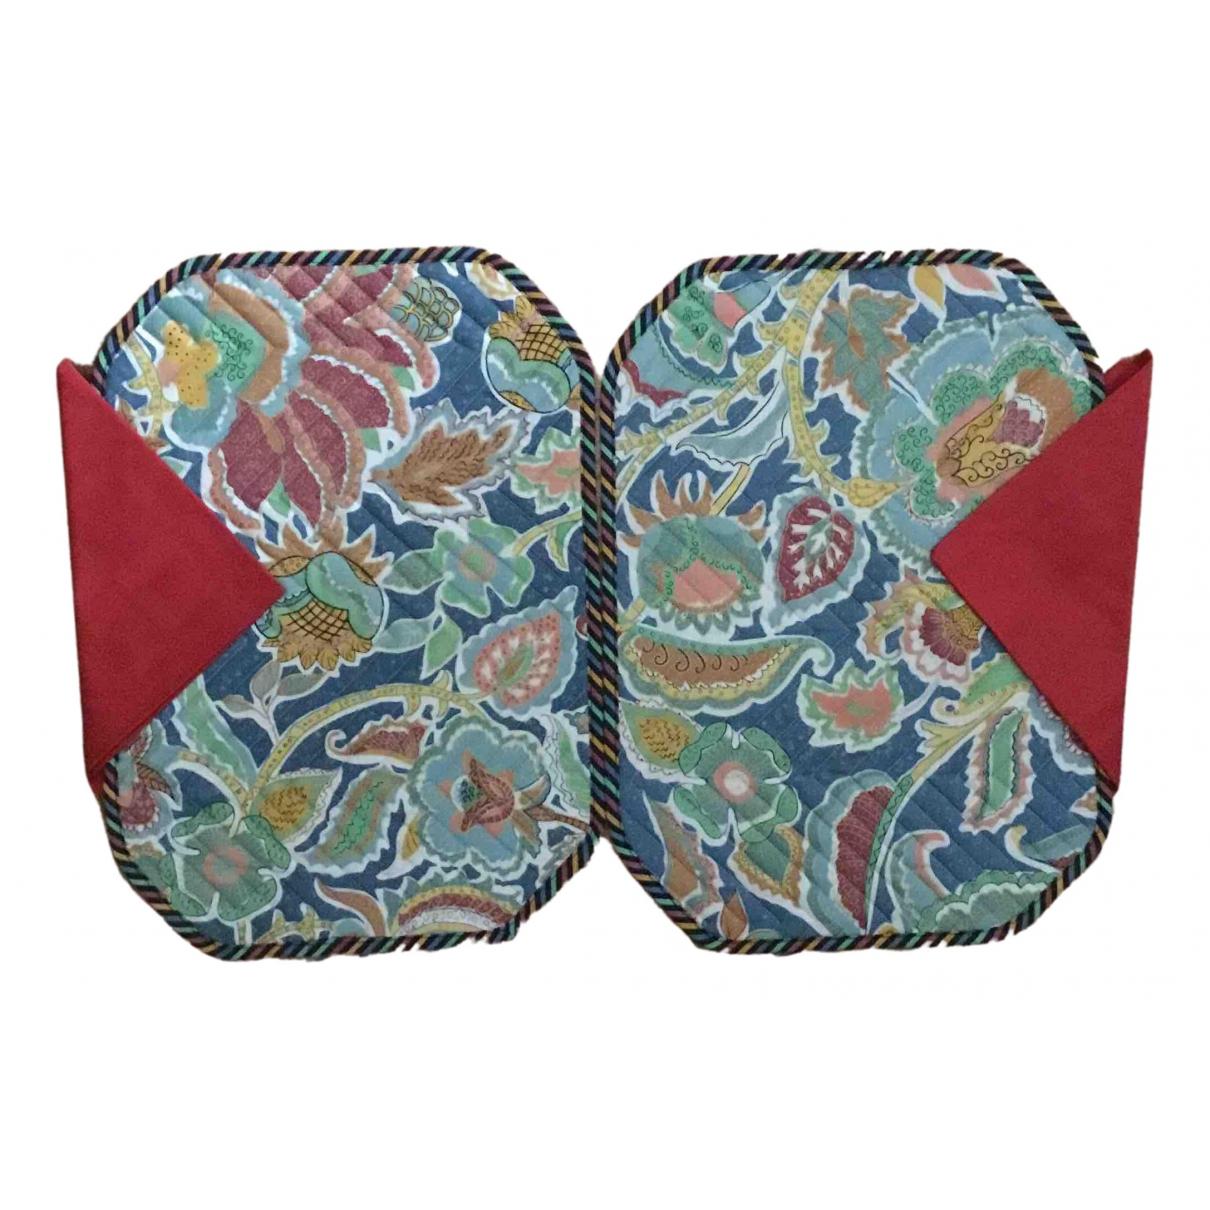 Missoni - Arts de la table   pour lifestyle en coton - multicolore